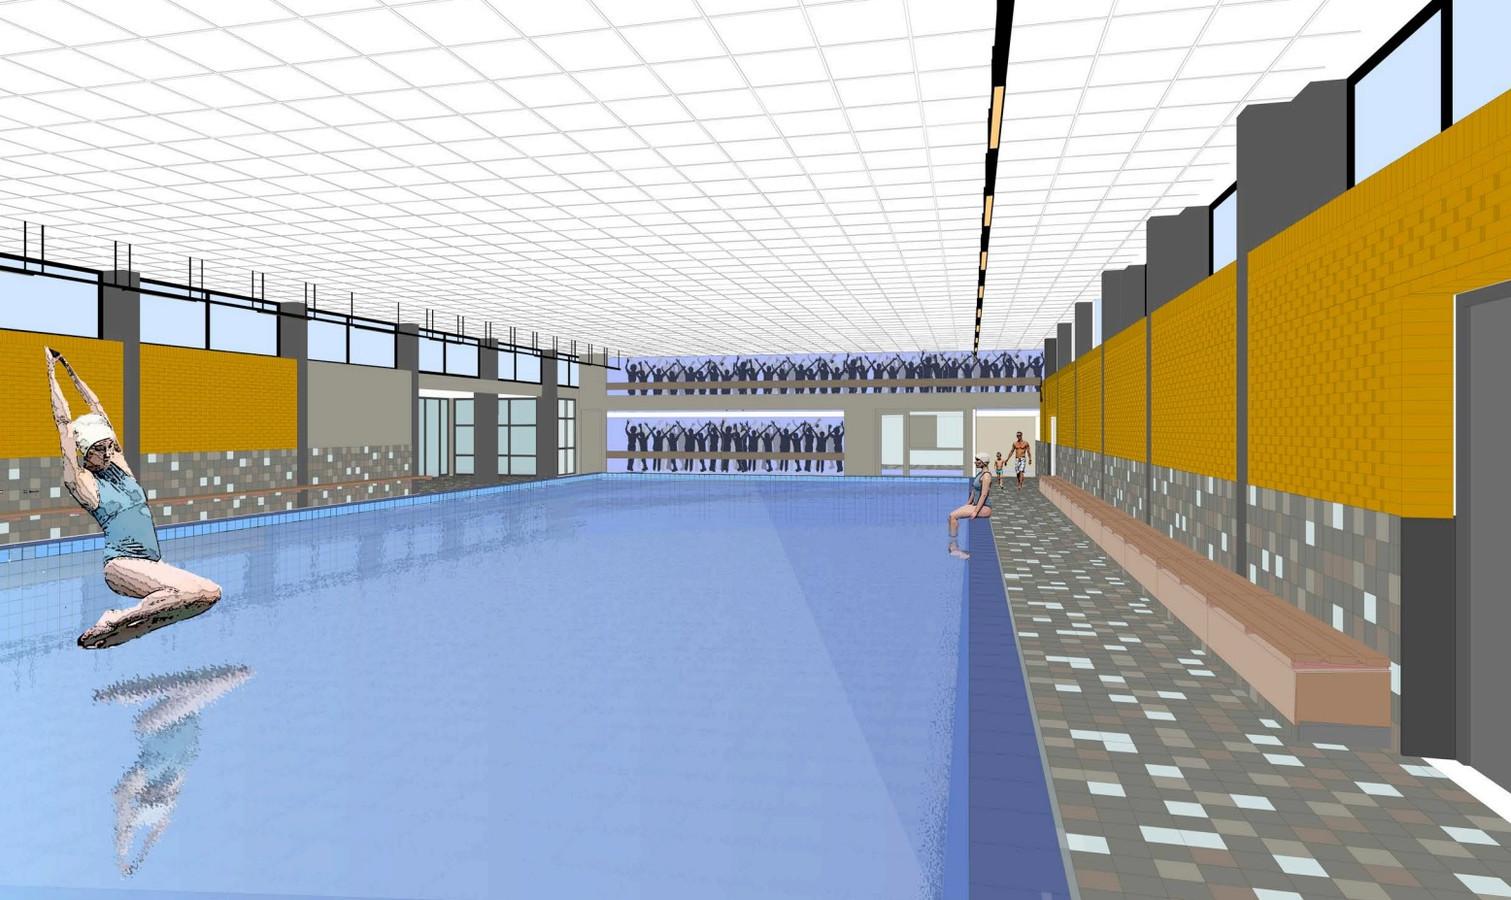 Vernieuwd zwembad Gemert in september klaar: 'Sportcentrum kan er straks weer een jaar of 20 tegenaan'